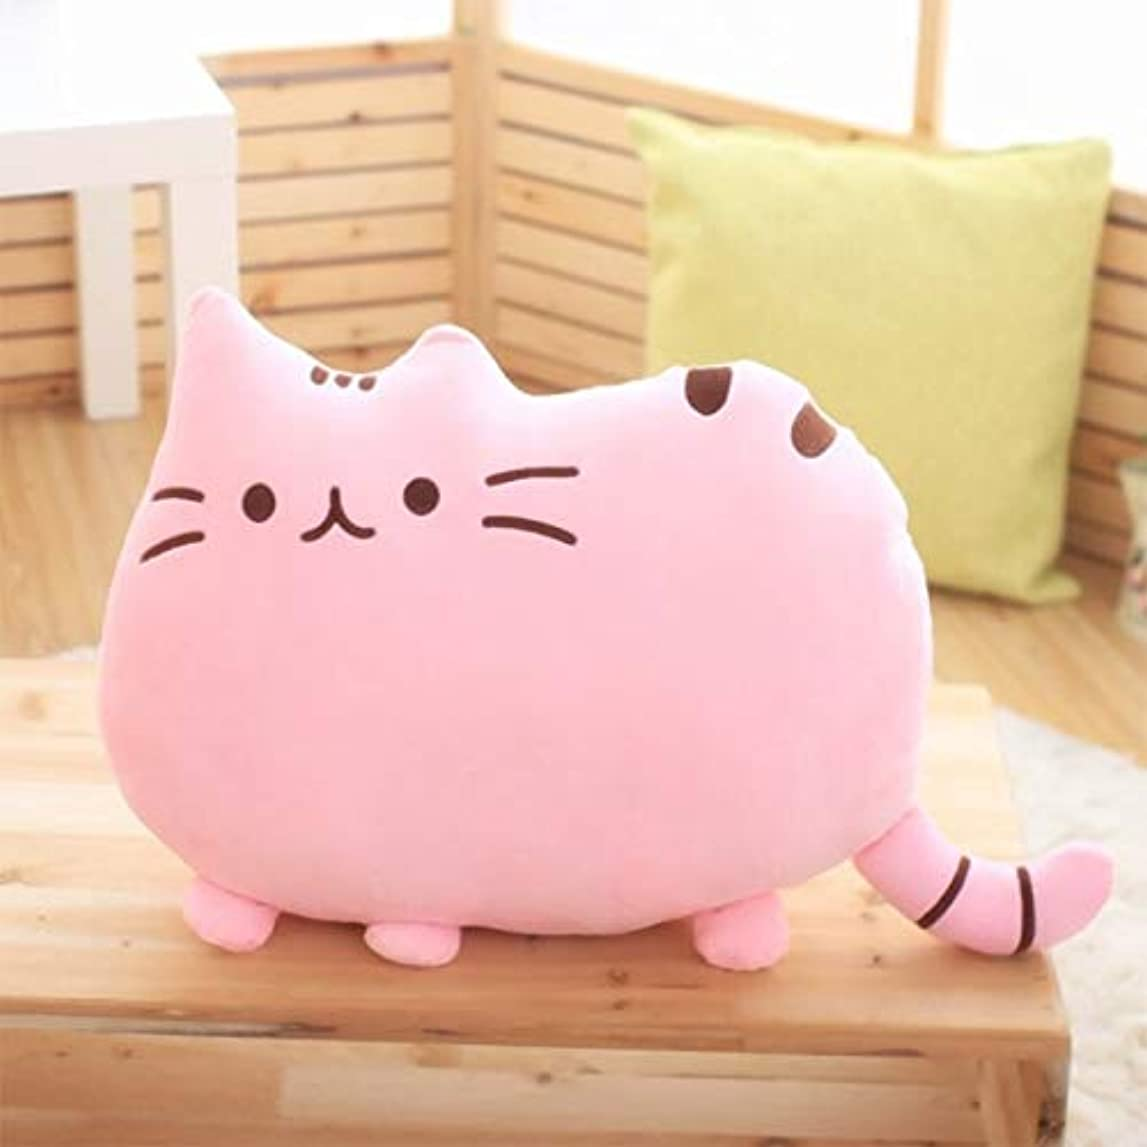 見出しミシン目追放LIFE8 色かわいい脂肪猫ベビーぬいぐるみ 20/40 センチメートル枕人形子供のための高品質ソフトクッション綿 Brinquedos 子供のためのギフトクッション 椅子